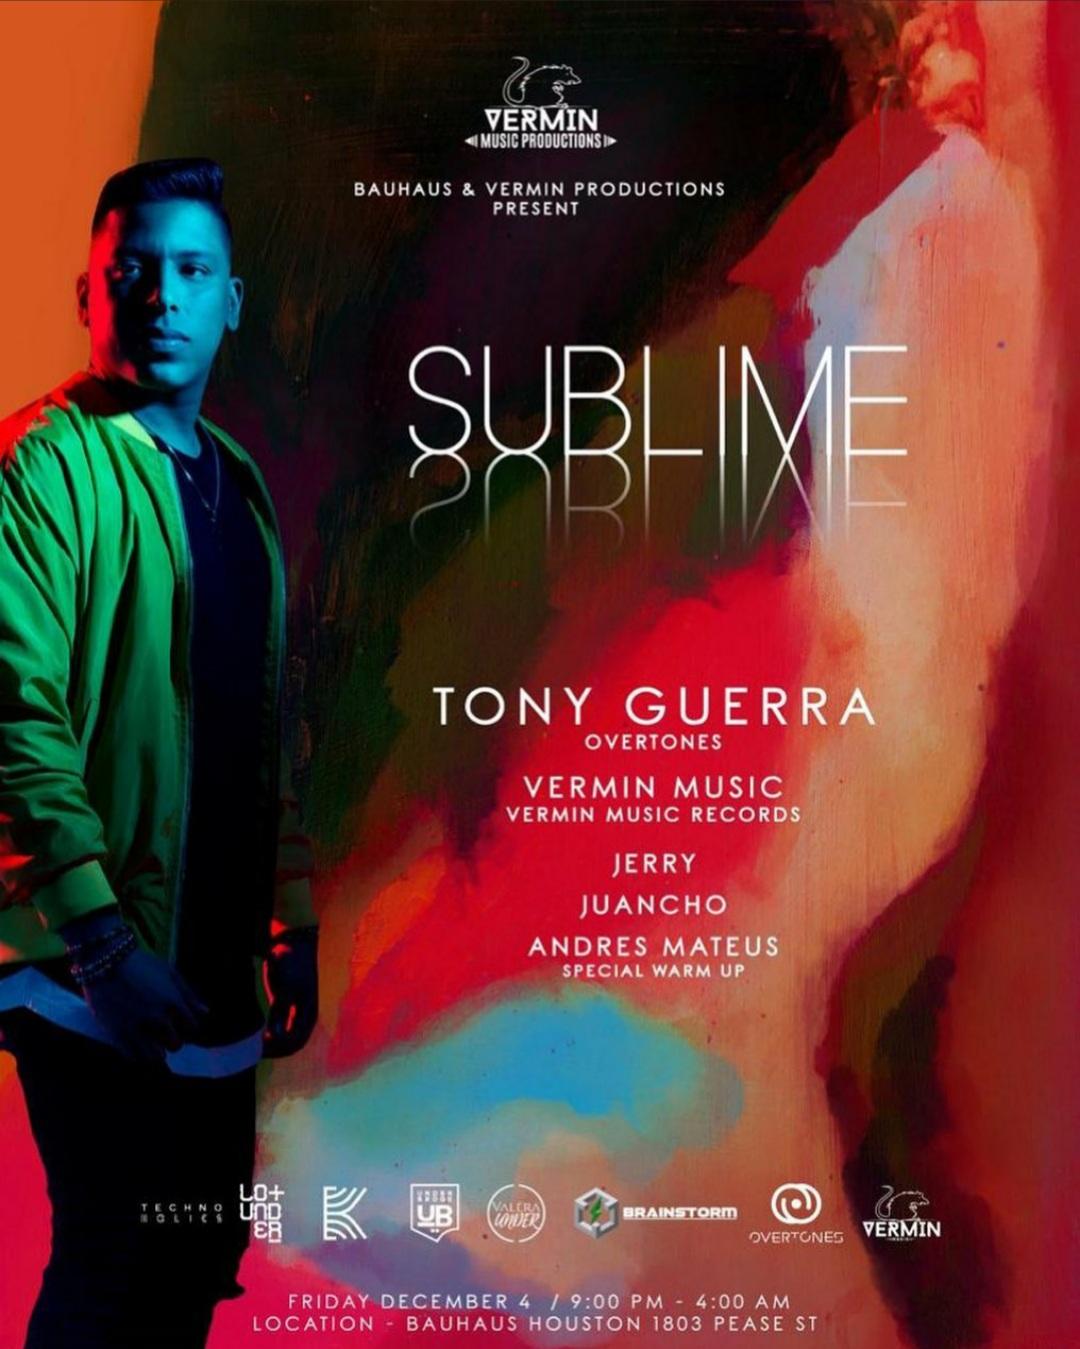 Bauhaus & Vermin Music Present: Tony Guerra